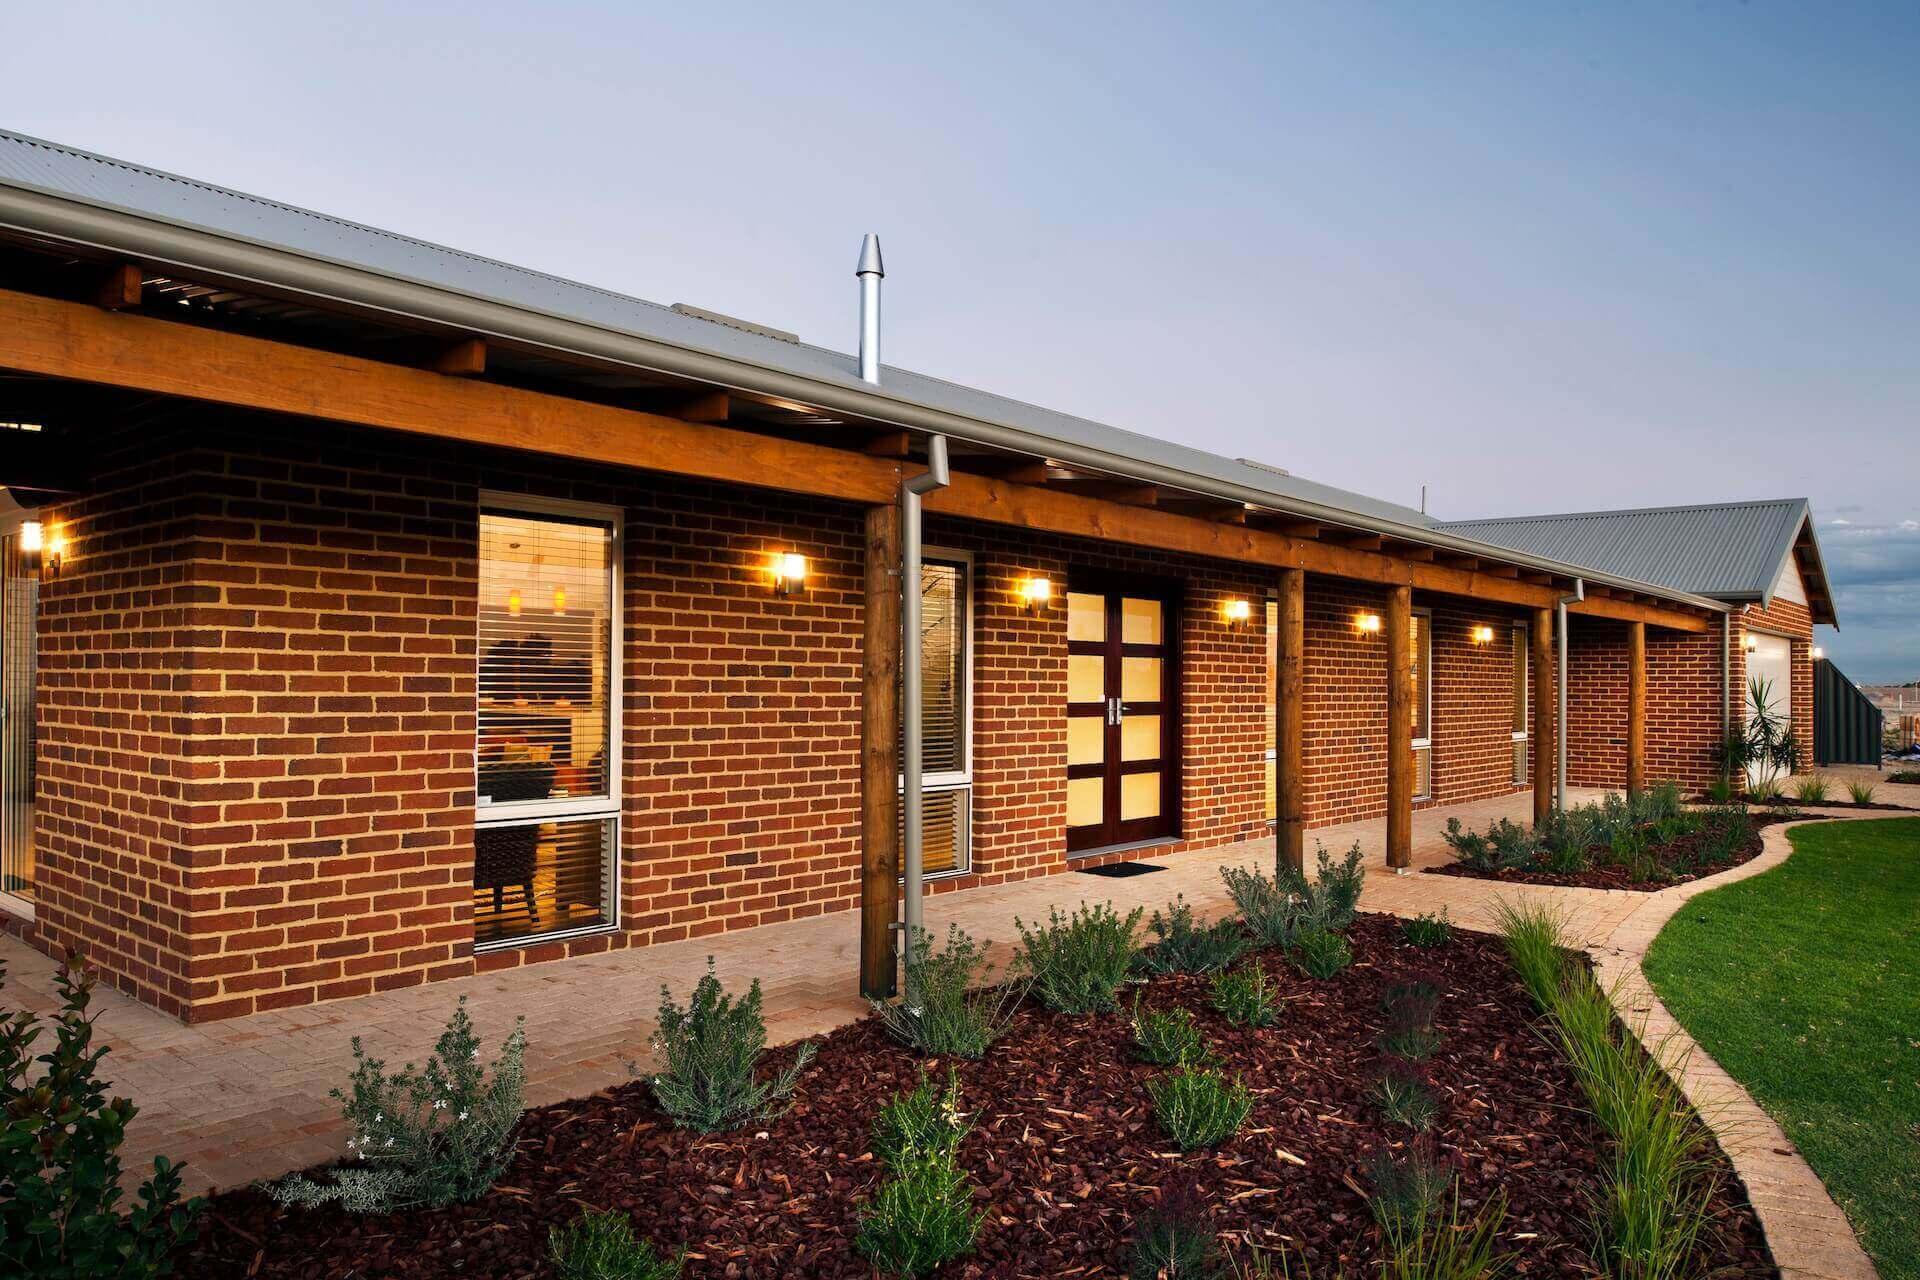 Rural Building Co - House exterior with garden